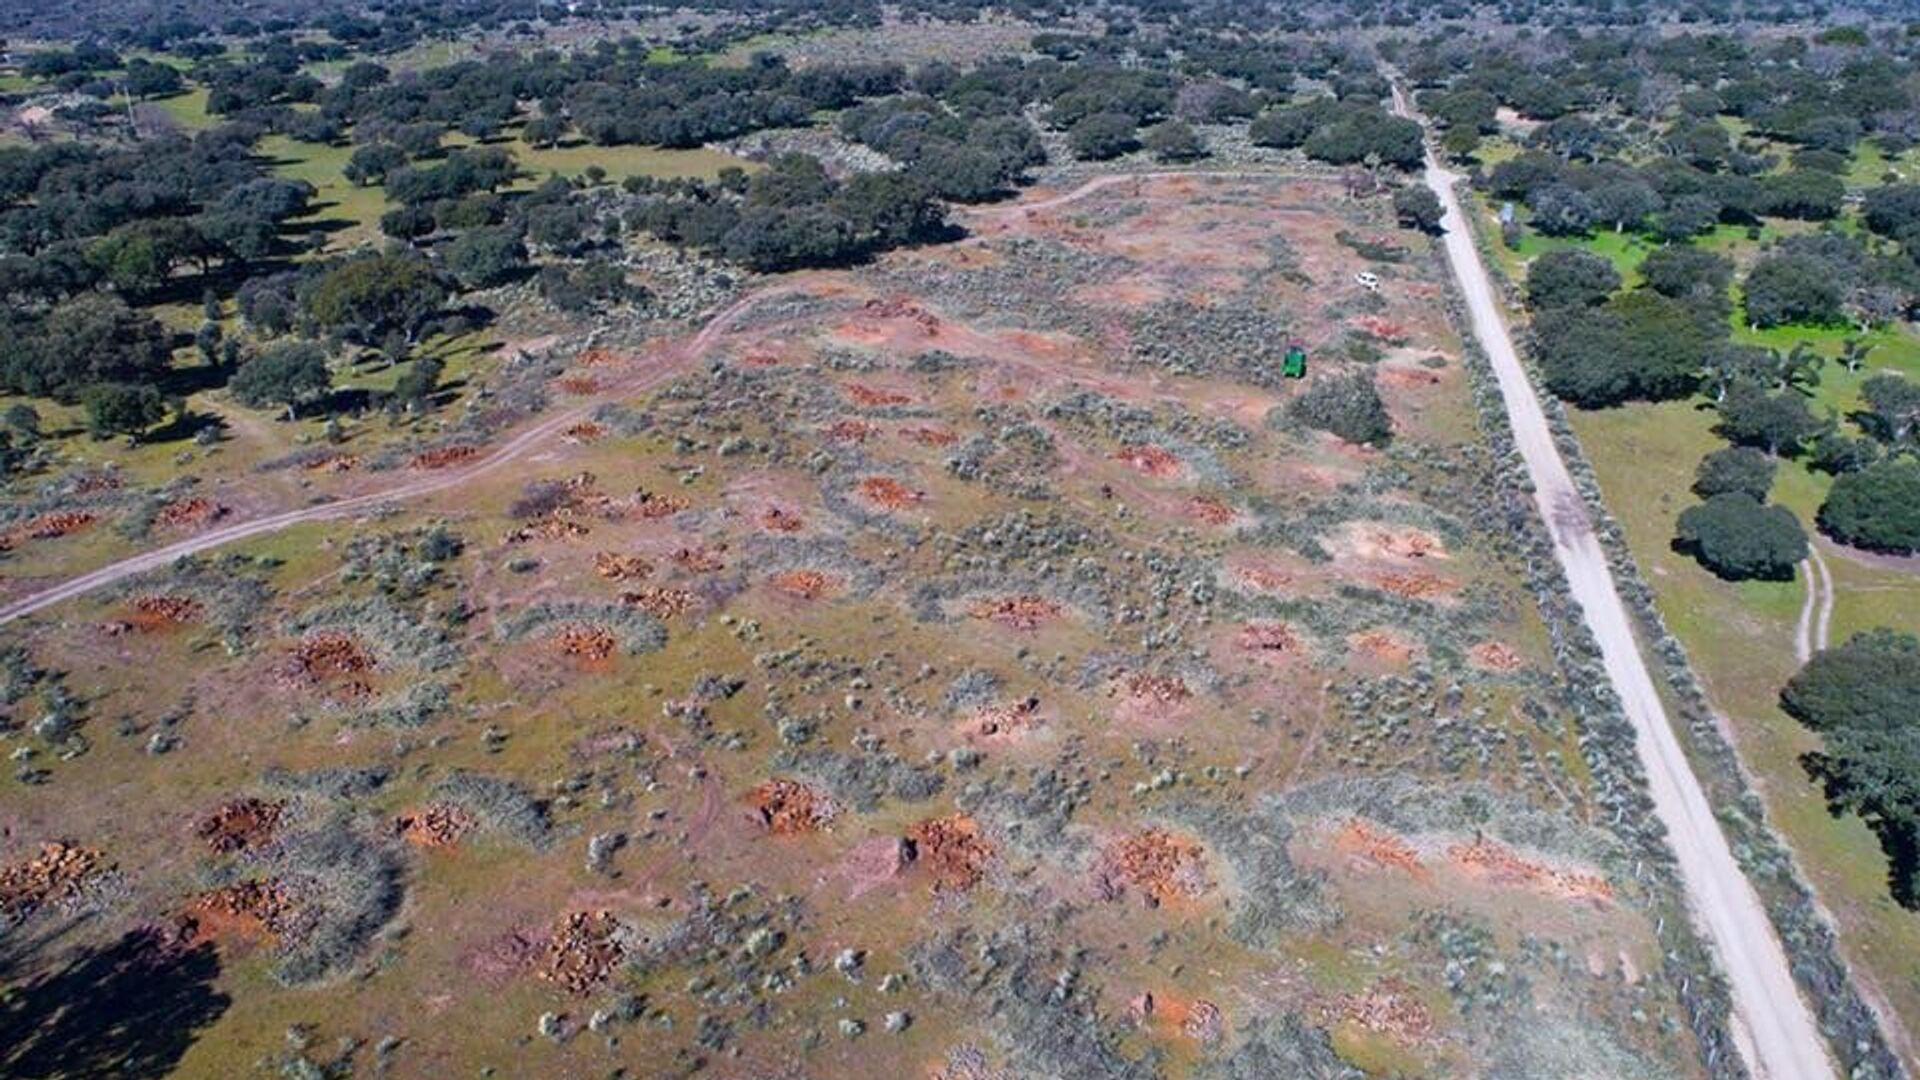 Campo donde se ha proyectado la mina de uranio en Retortillo, un pueblo de España - Sputnik Mundo, 1920, 13.07.2021